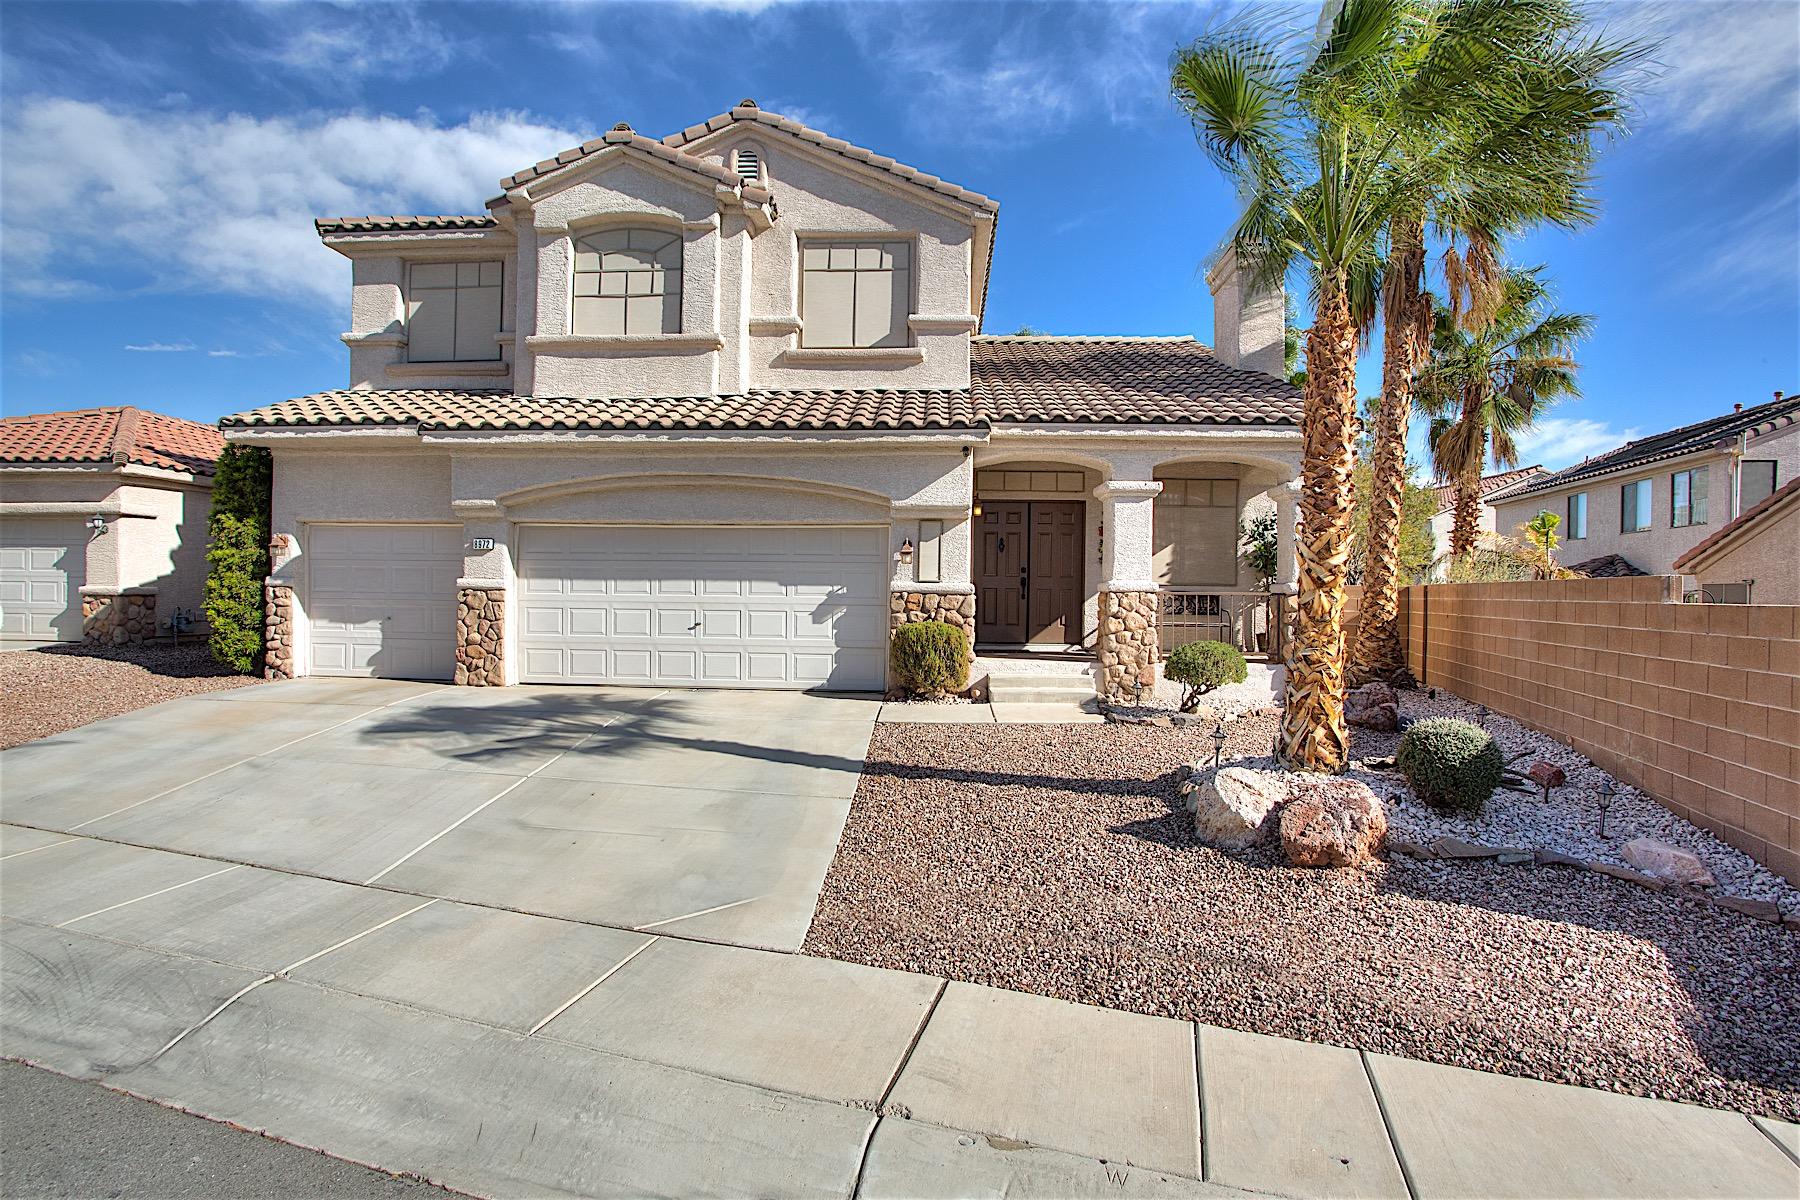 단독 가정 주택 용 매매 에 8972 Shale Valley St Las Vegas, 네바다 89123 미국